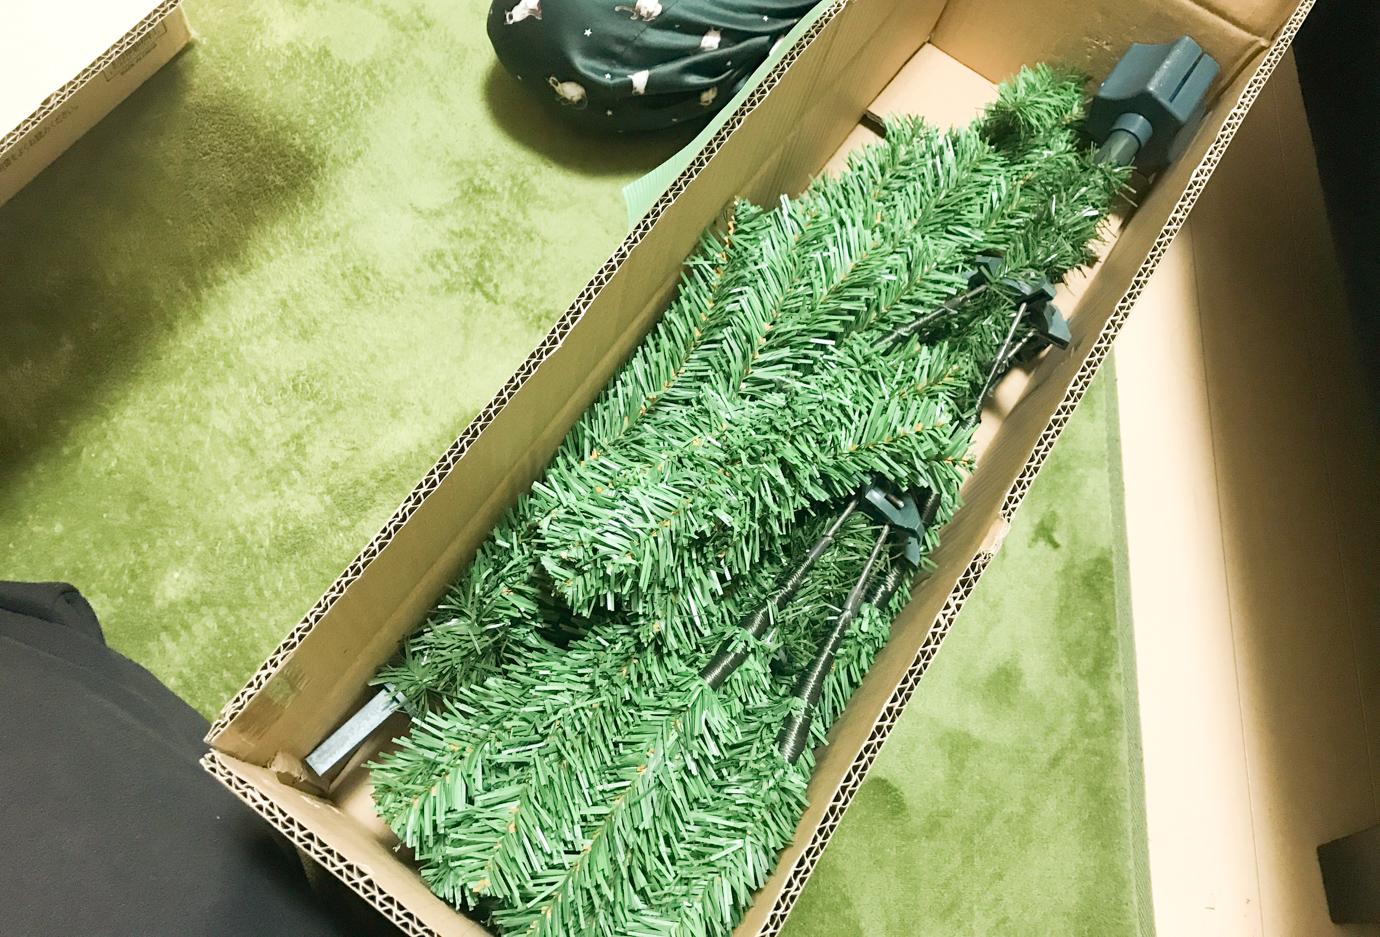 実践!簡単キレイなクリスマスツリーの飾り付けの「戦略」と「戦術」